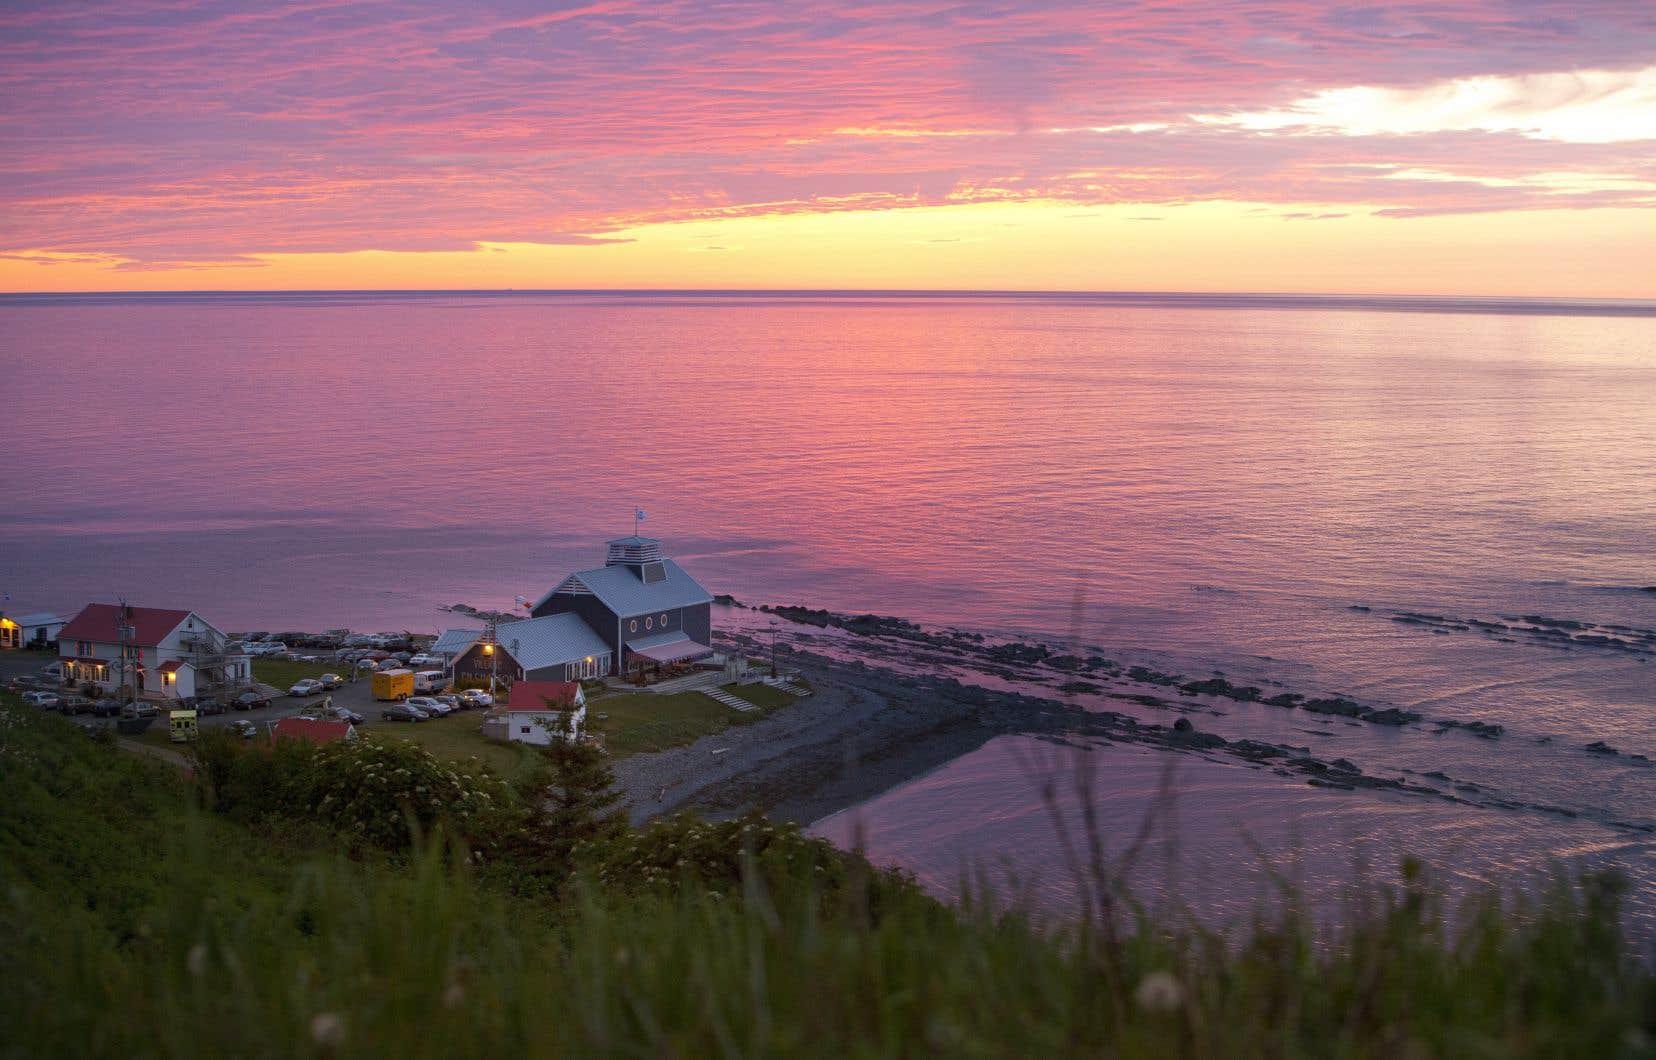 Le Festival en chanson de Petite-Vallée, en Gaspésie, se tiendra du 28 juin au 7 juillet prochains.